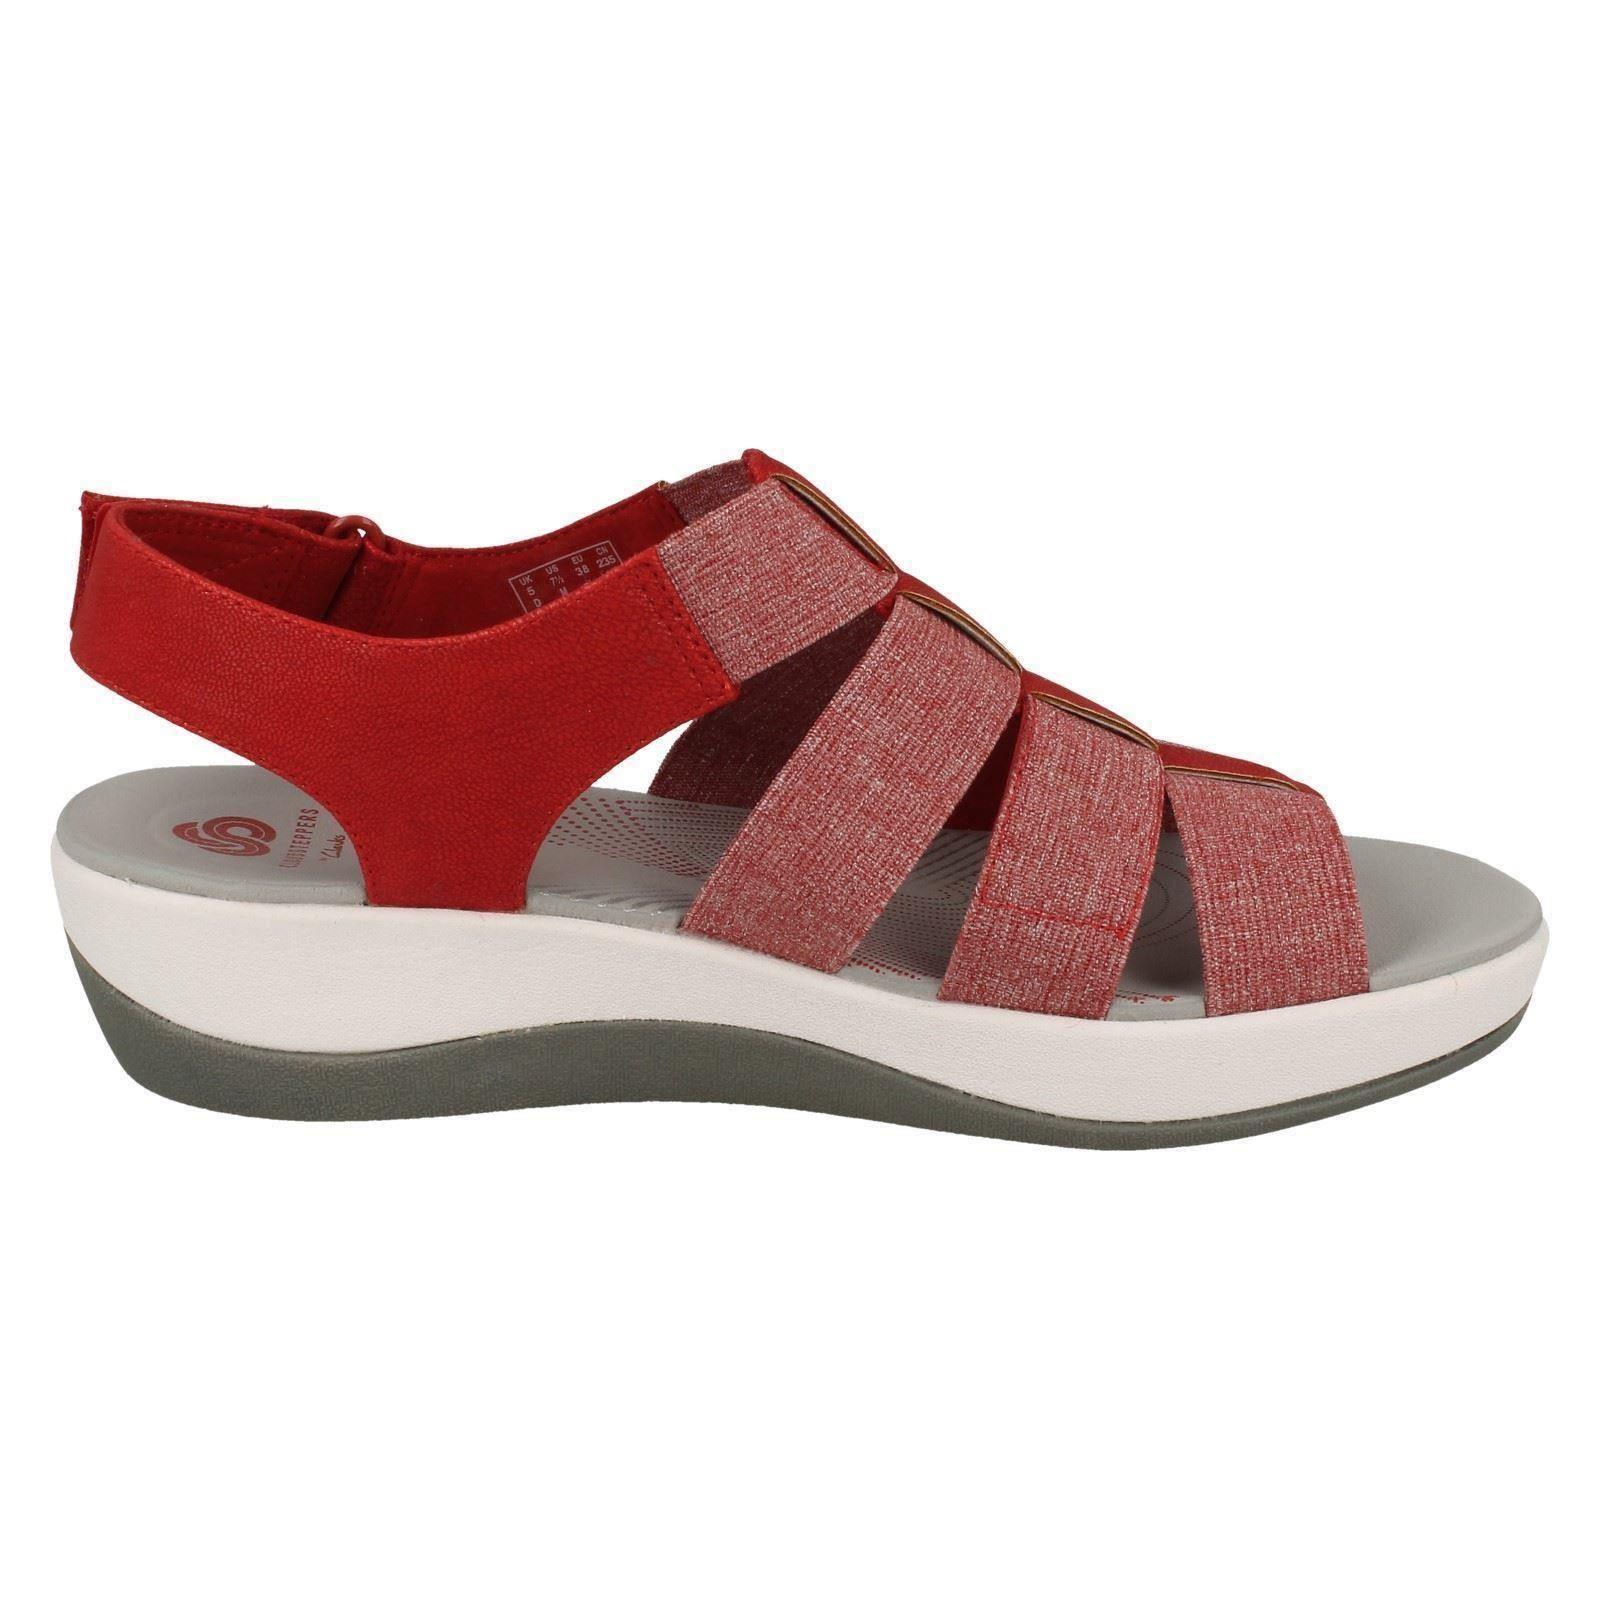 Arla Shaylie Ladies Strappy Sports Rosso bianco Sandalo rosso Clarks IXrwqX